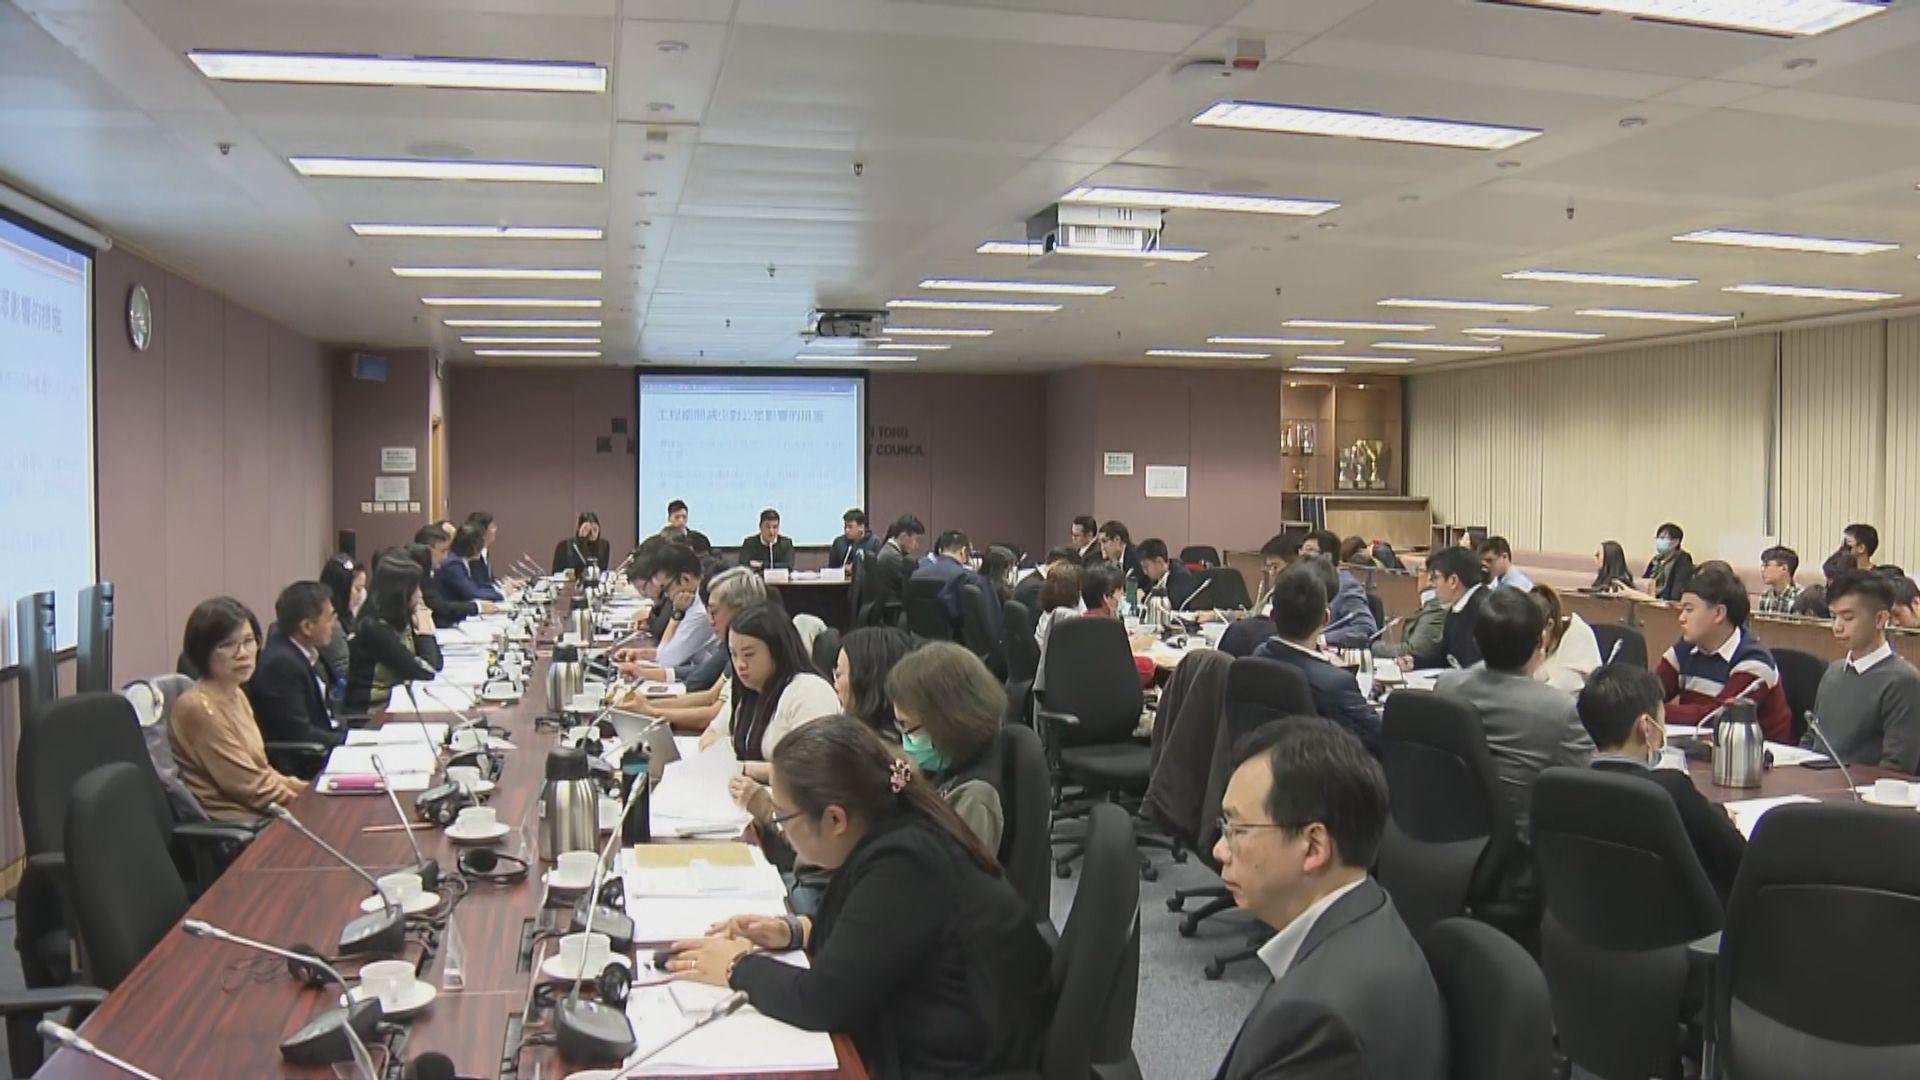 觀塘海濱音樂噴泉工程繼續 政府不派員出席區議會